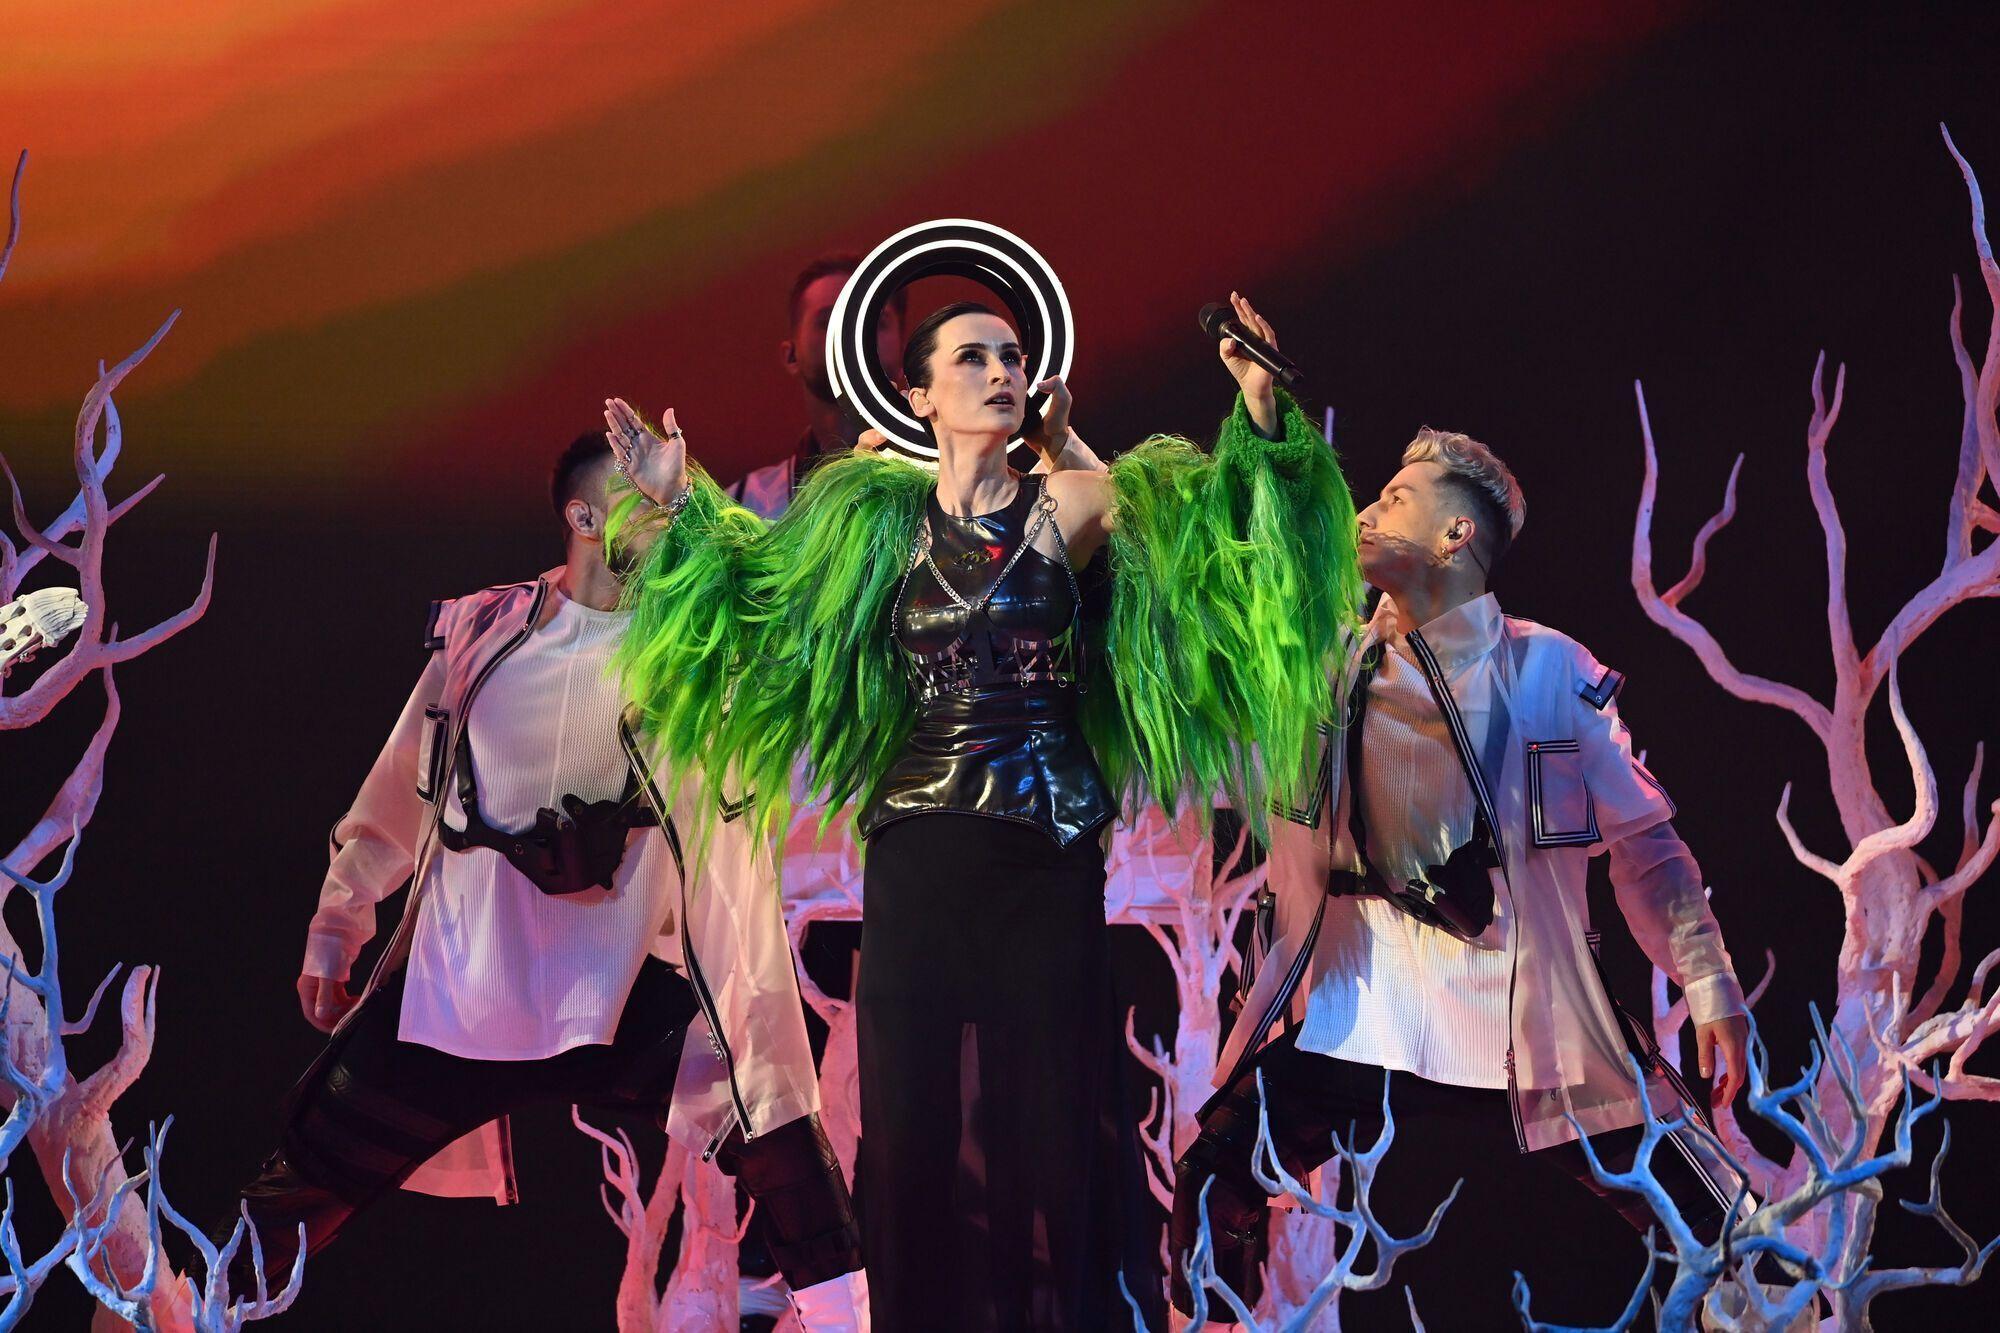 """Песня """"Шум"""" Go_A вошла в топ-10 мировых музыкальных чартов"""